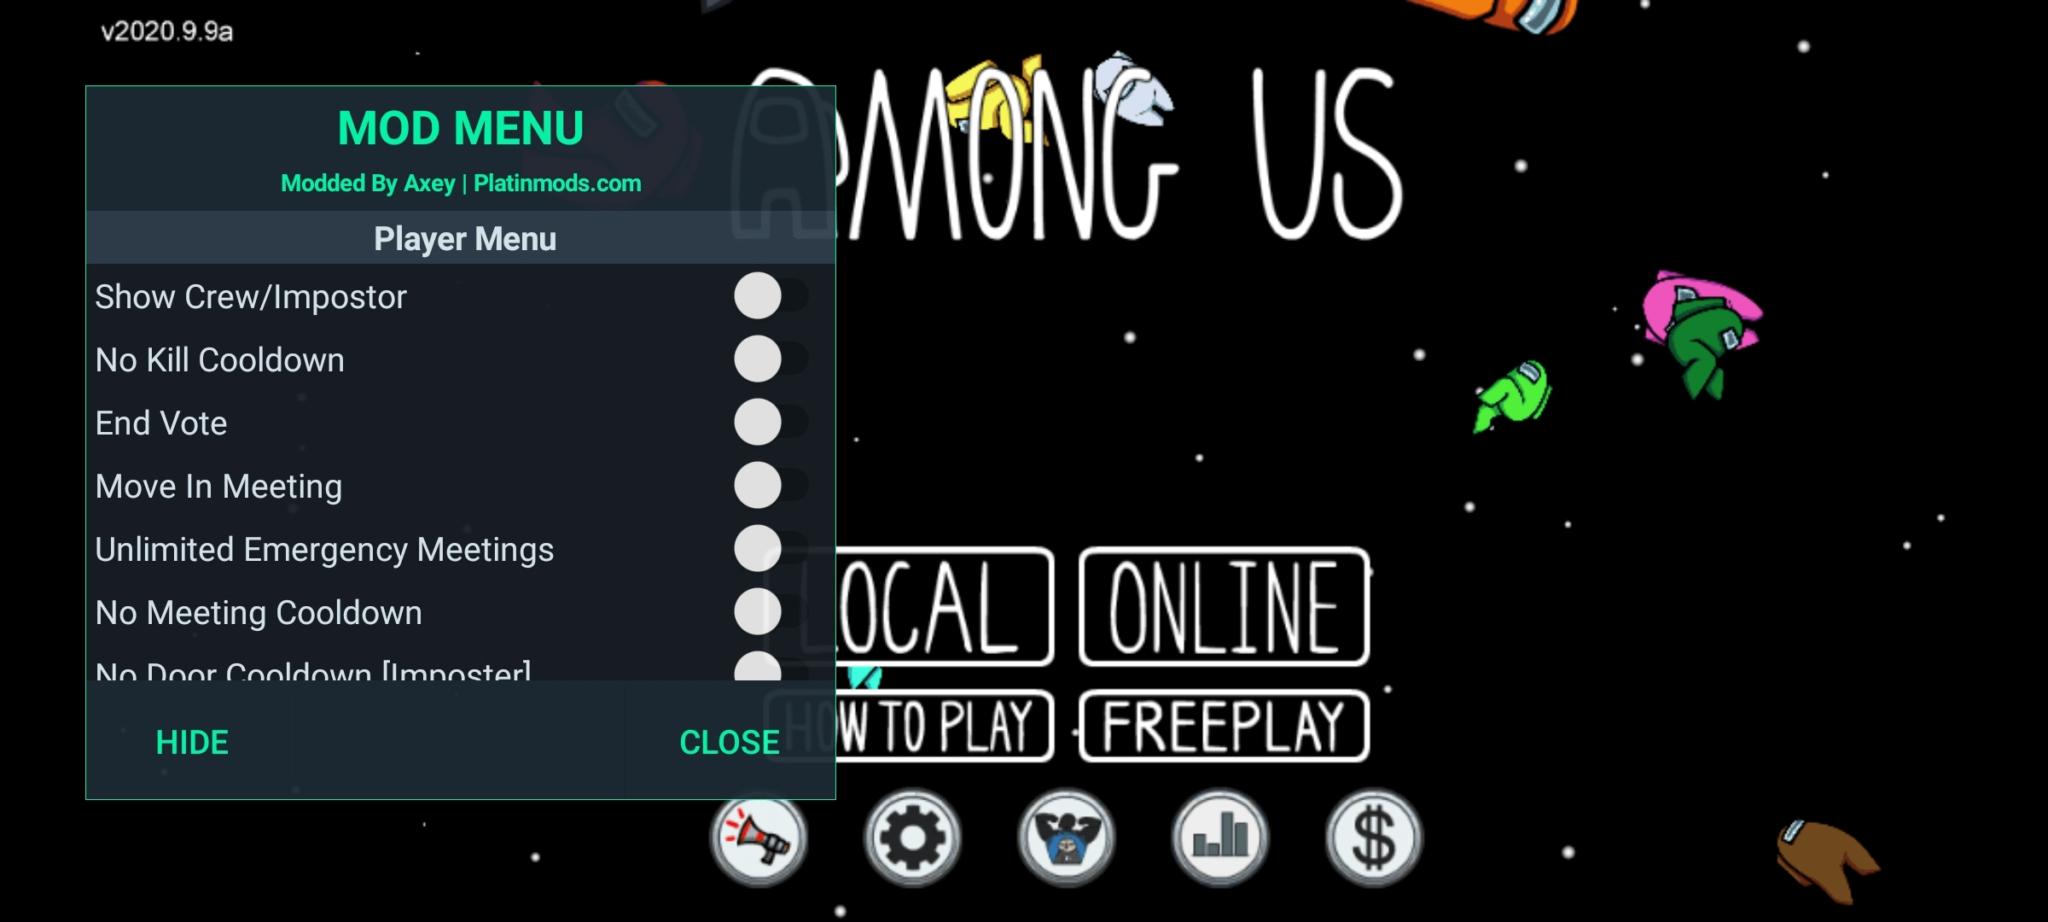 among-us-mod-menu